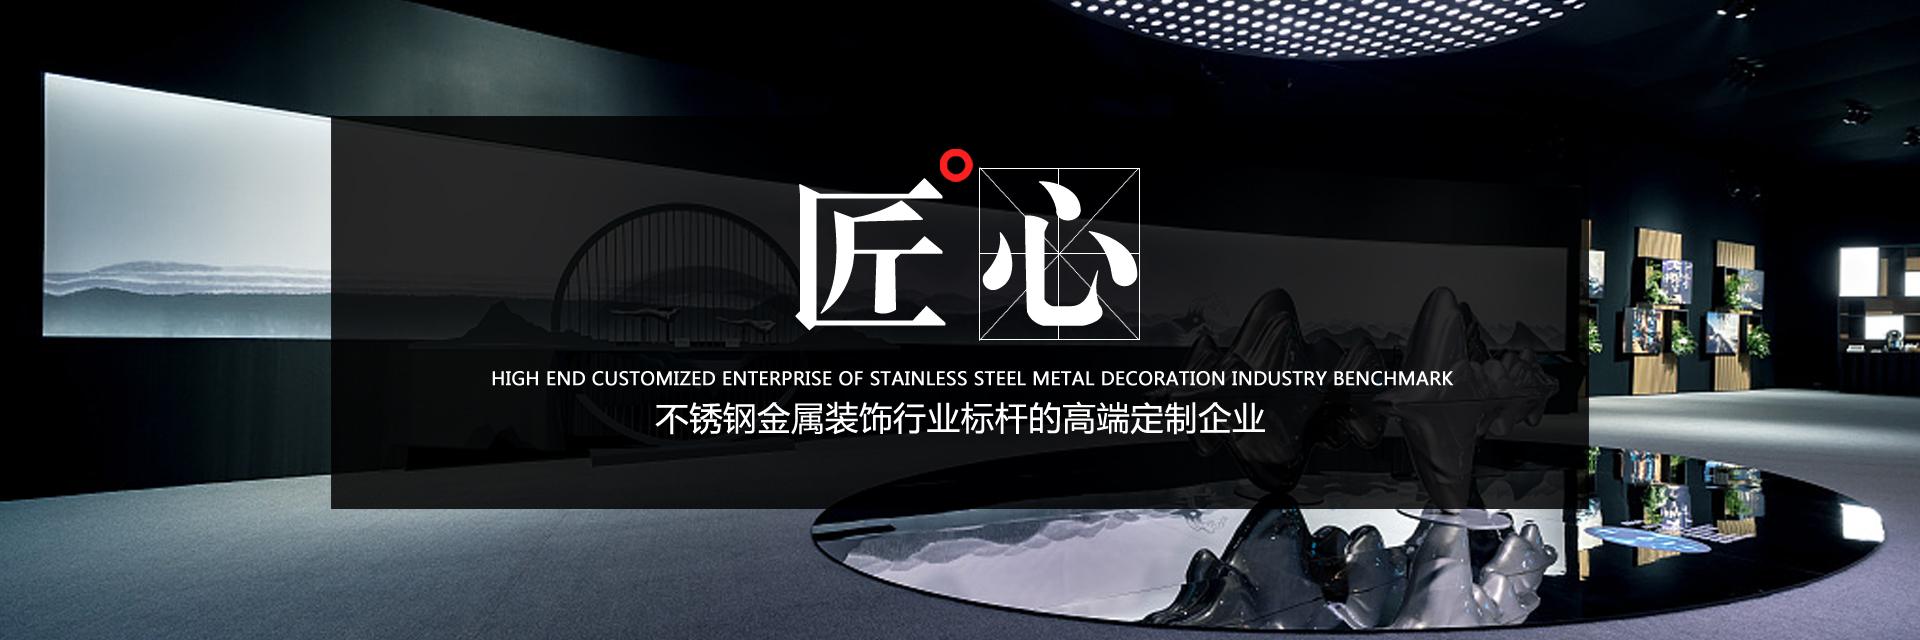 云南不锈钢工程